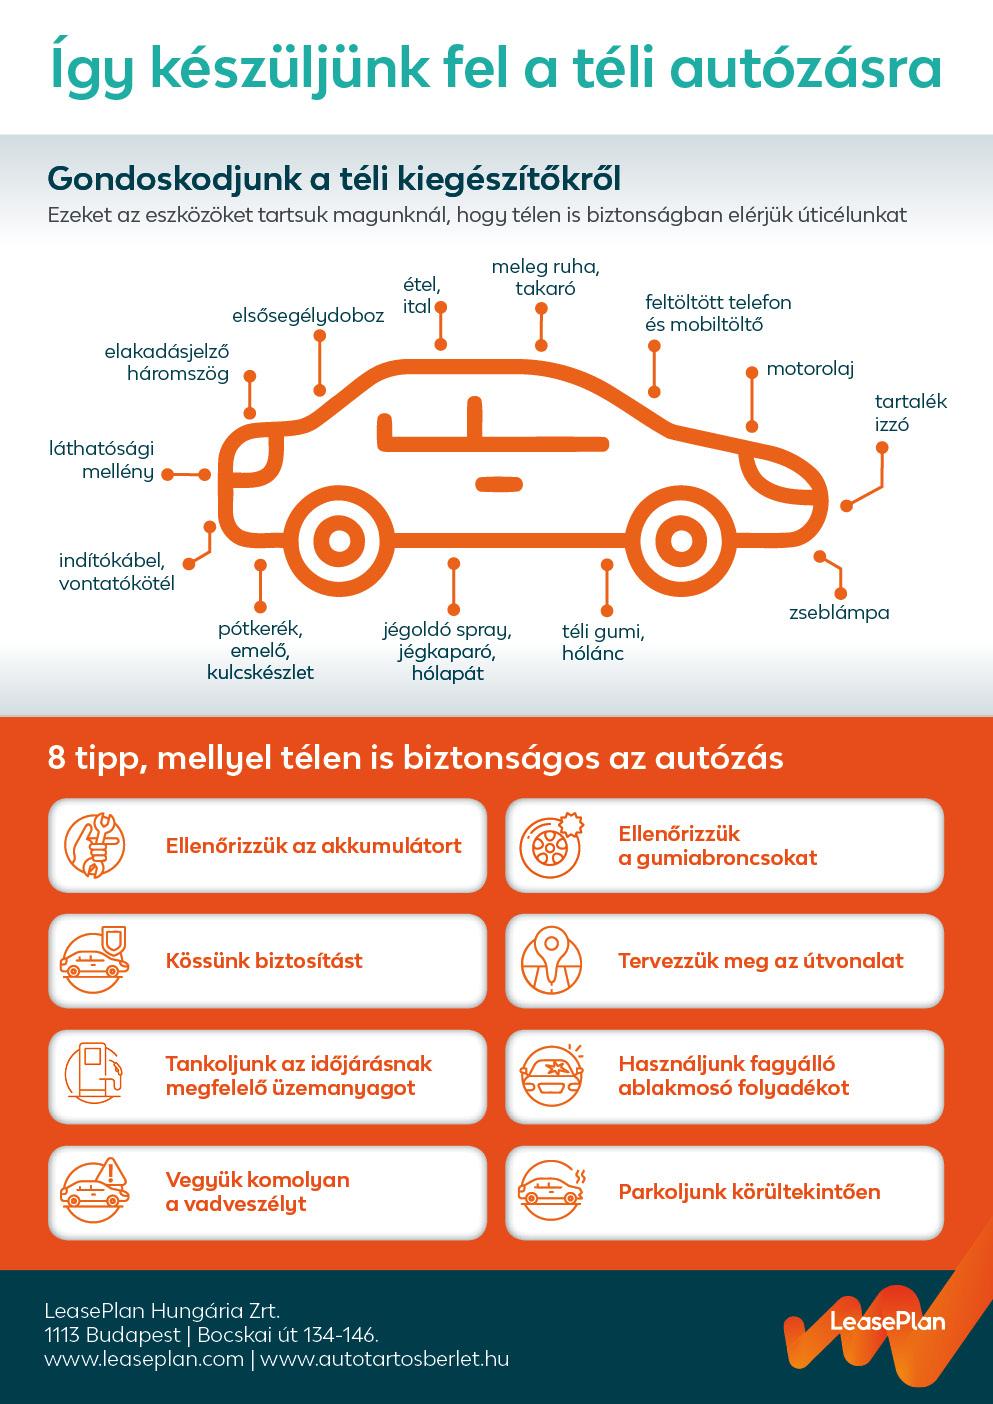 LeasePlan_Teli_autos_tippek_infografika